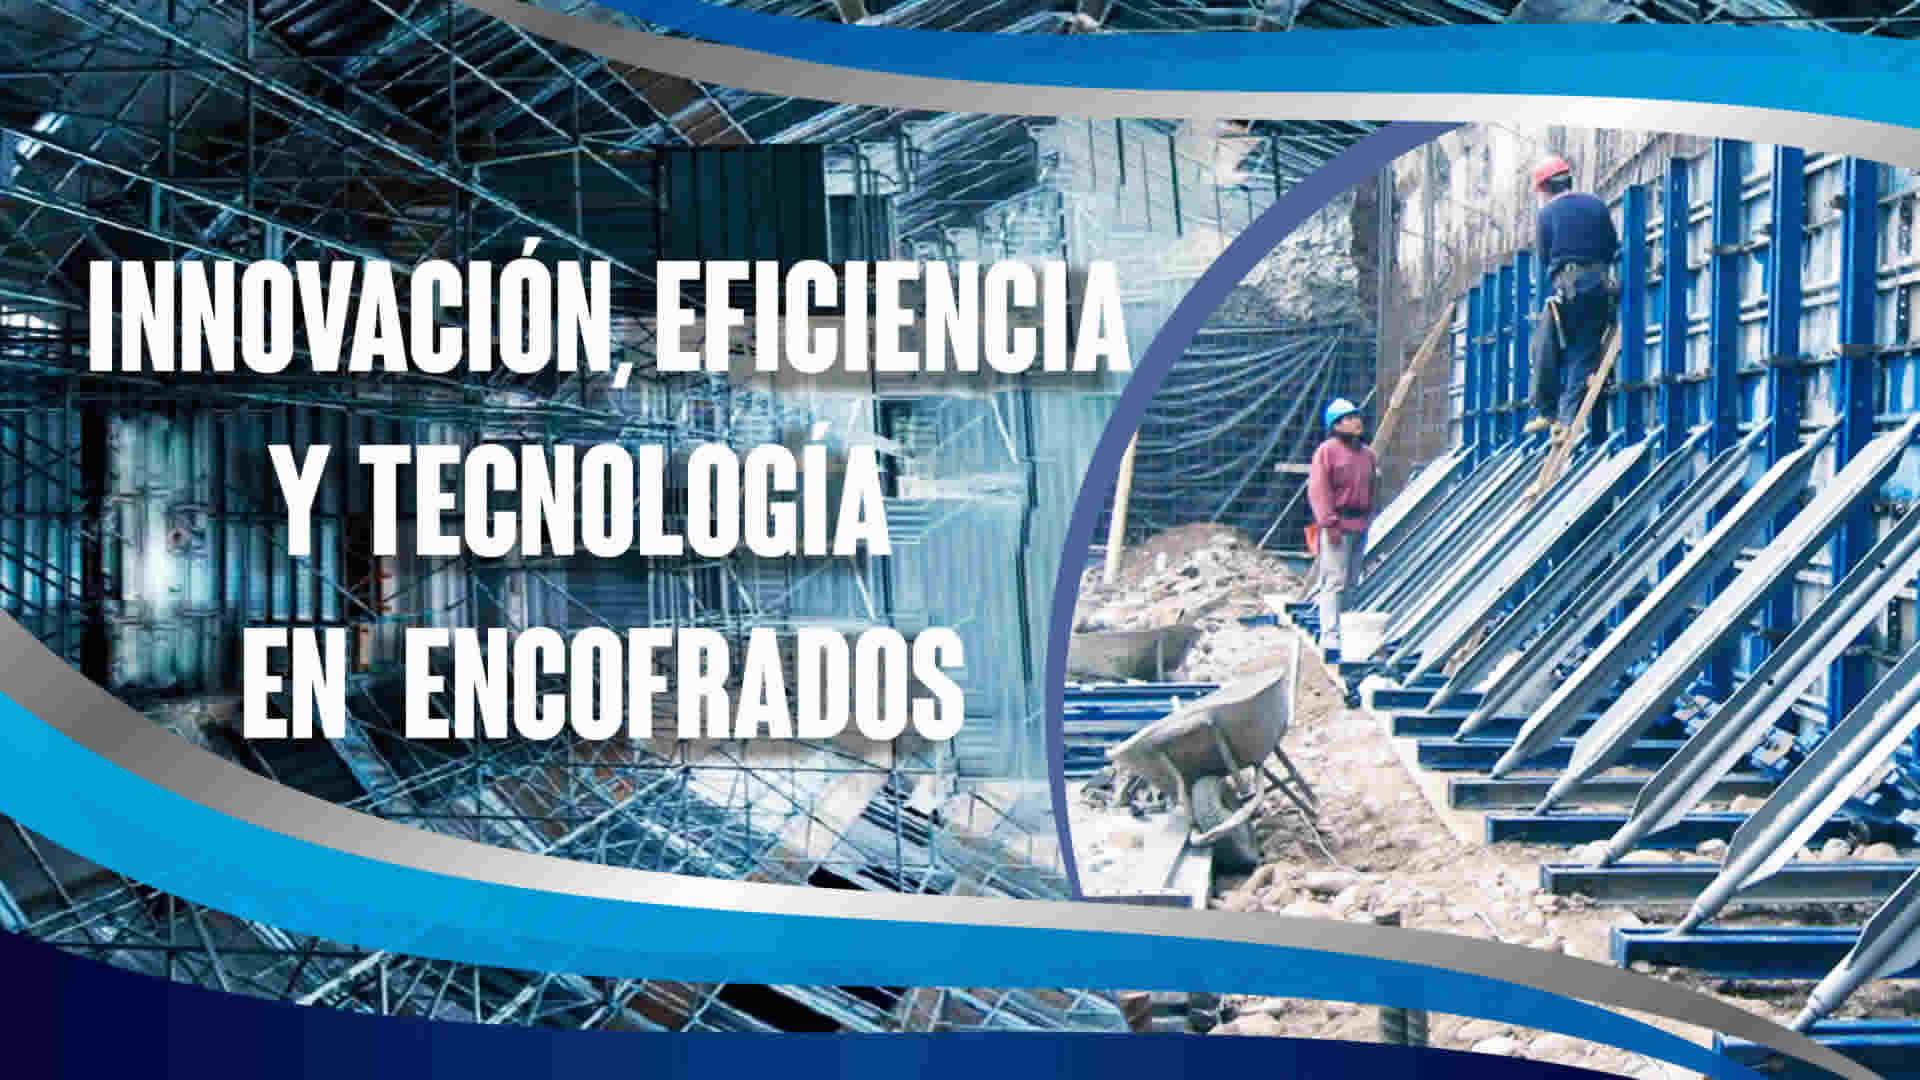 Innovación, eficiencia y tecnología en encofrados